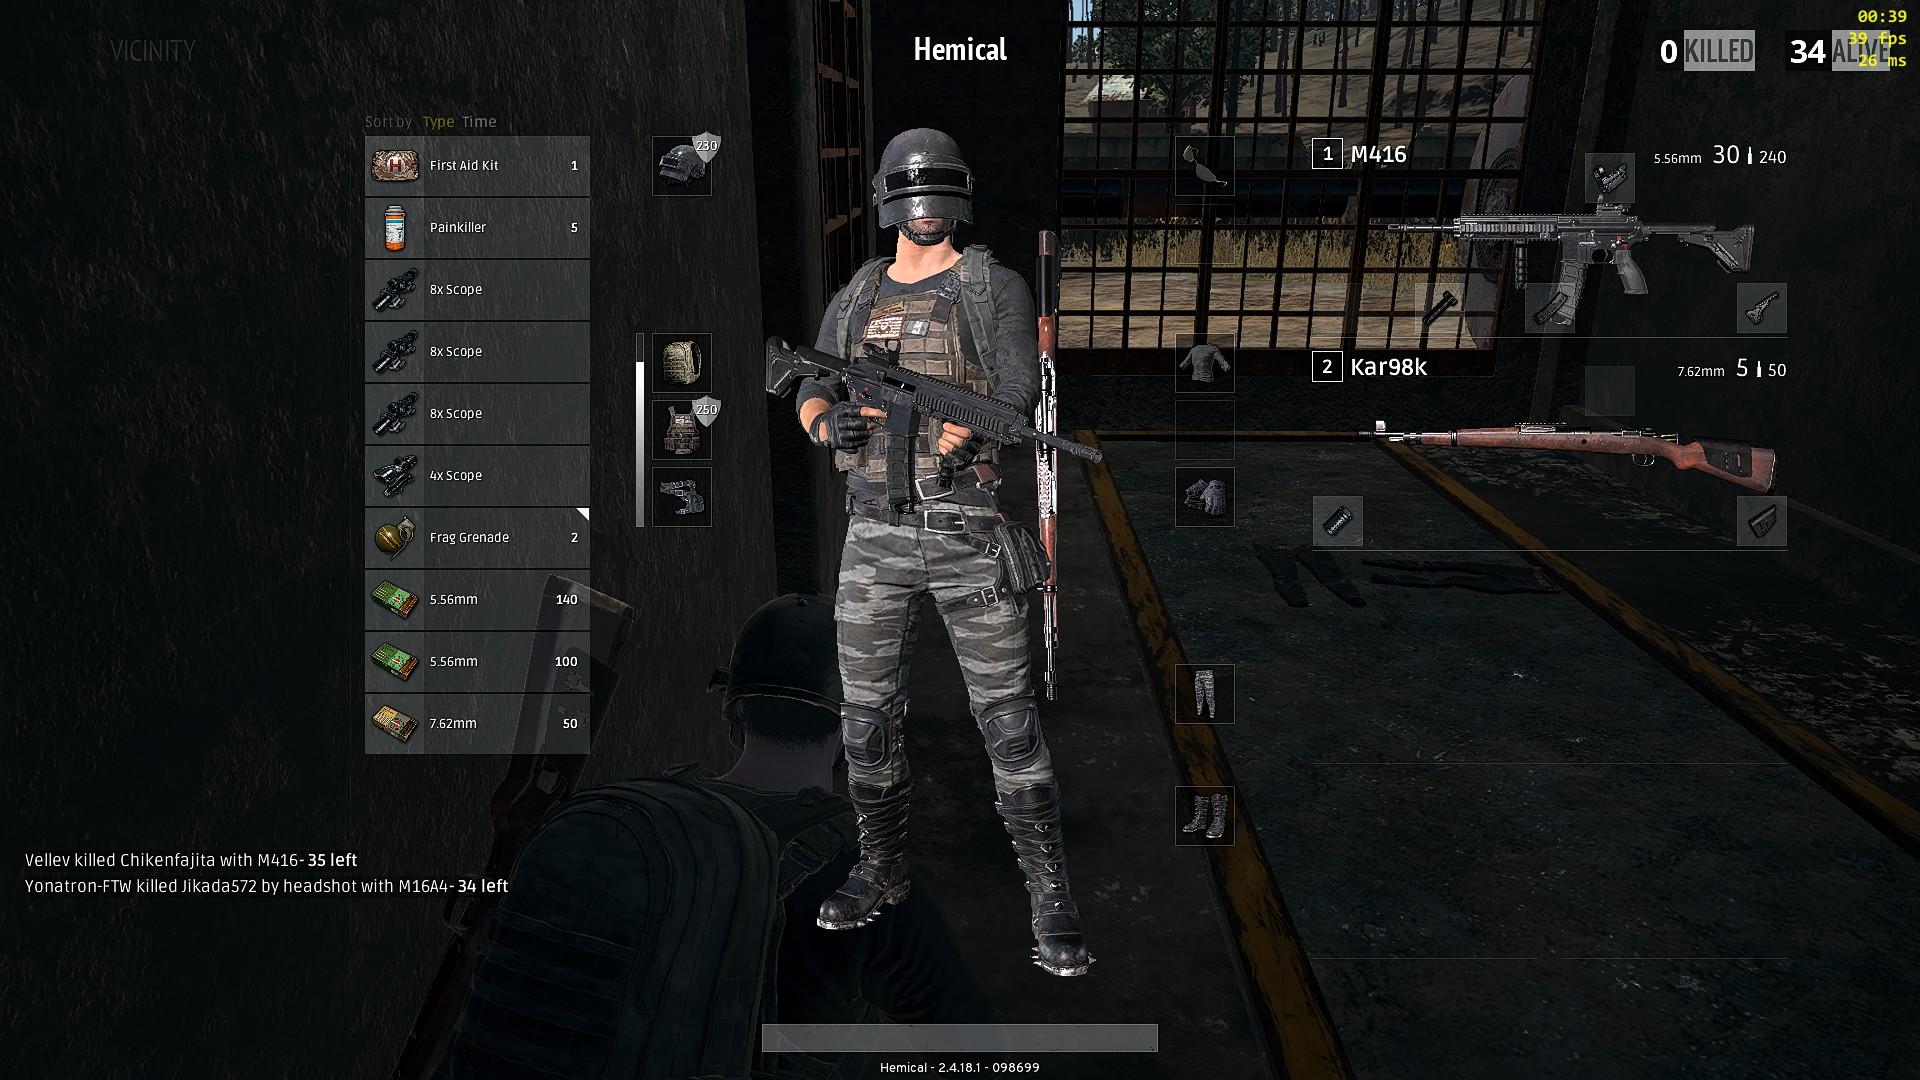 Battlegrounds Unglaublich Spannend: [PC] PLAYERUNKNOWN's Battlegrounds